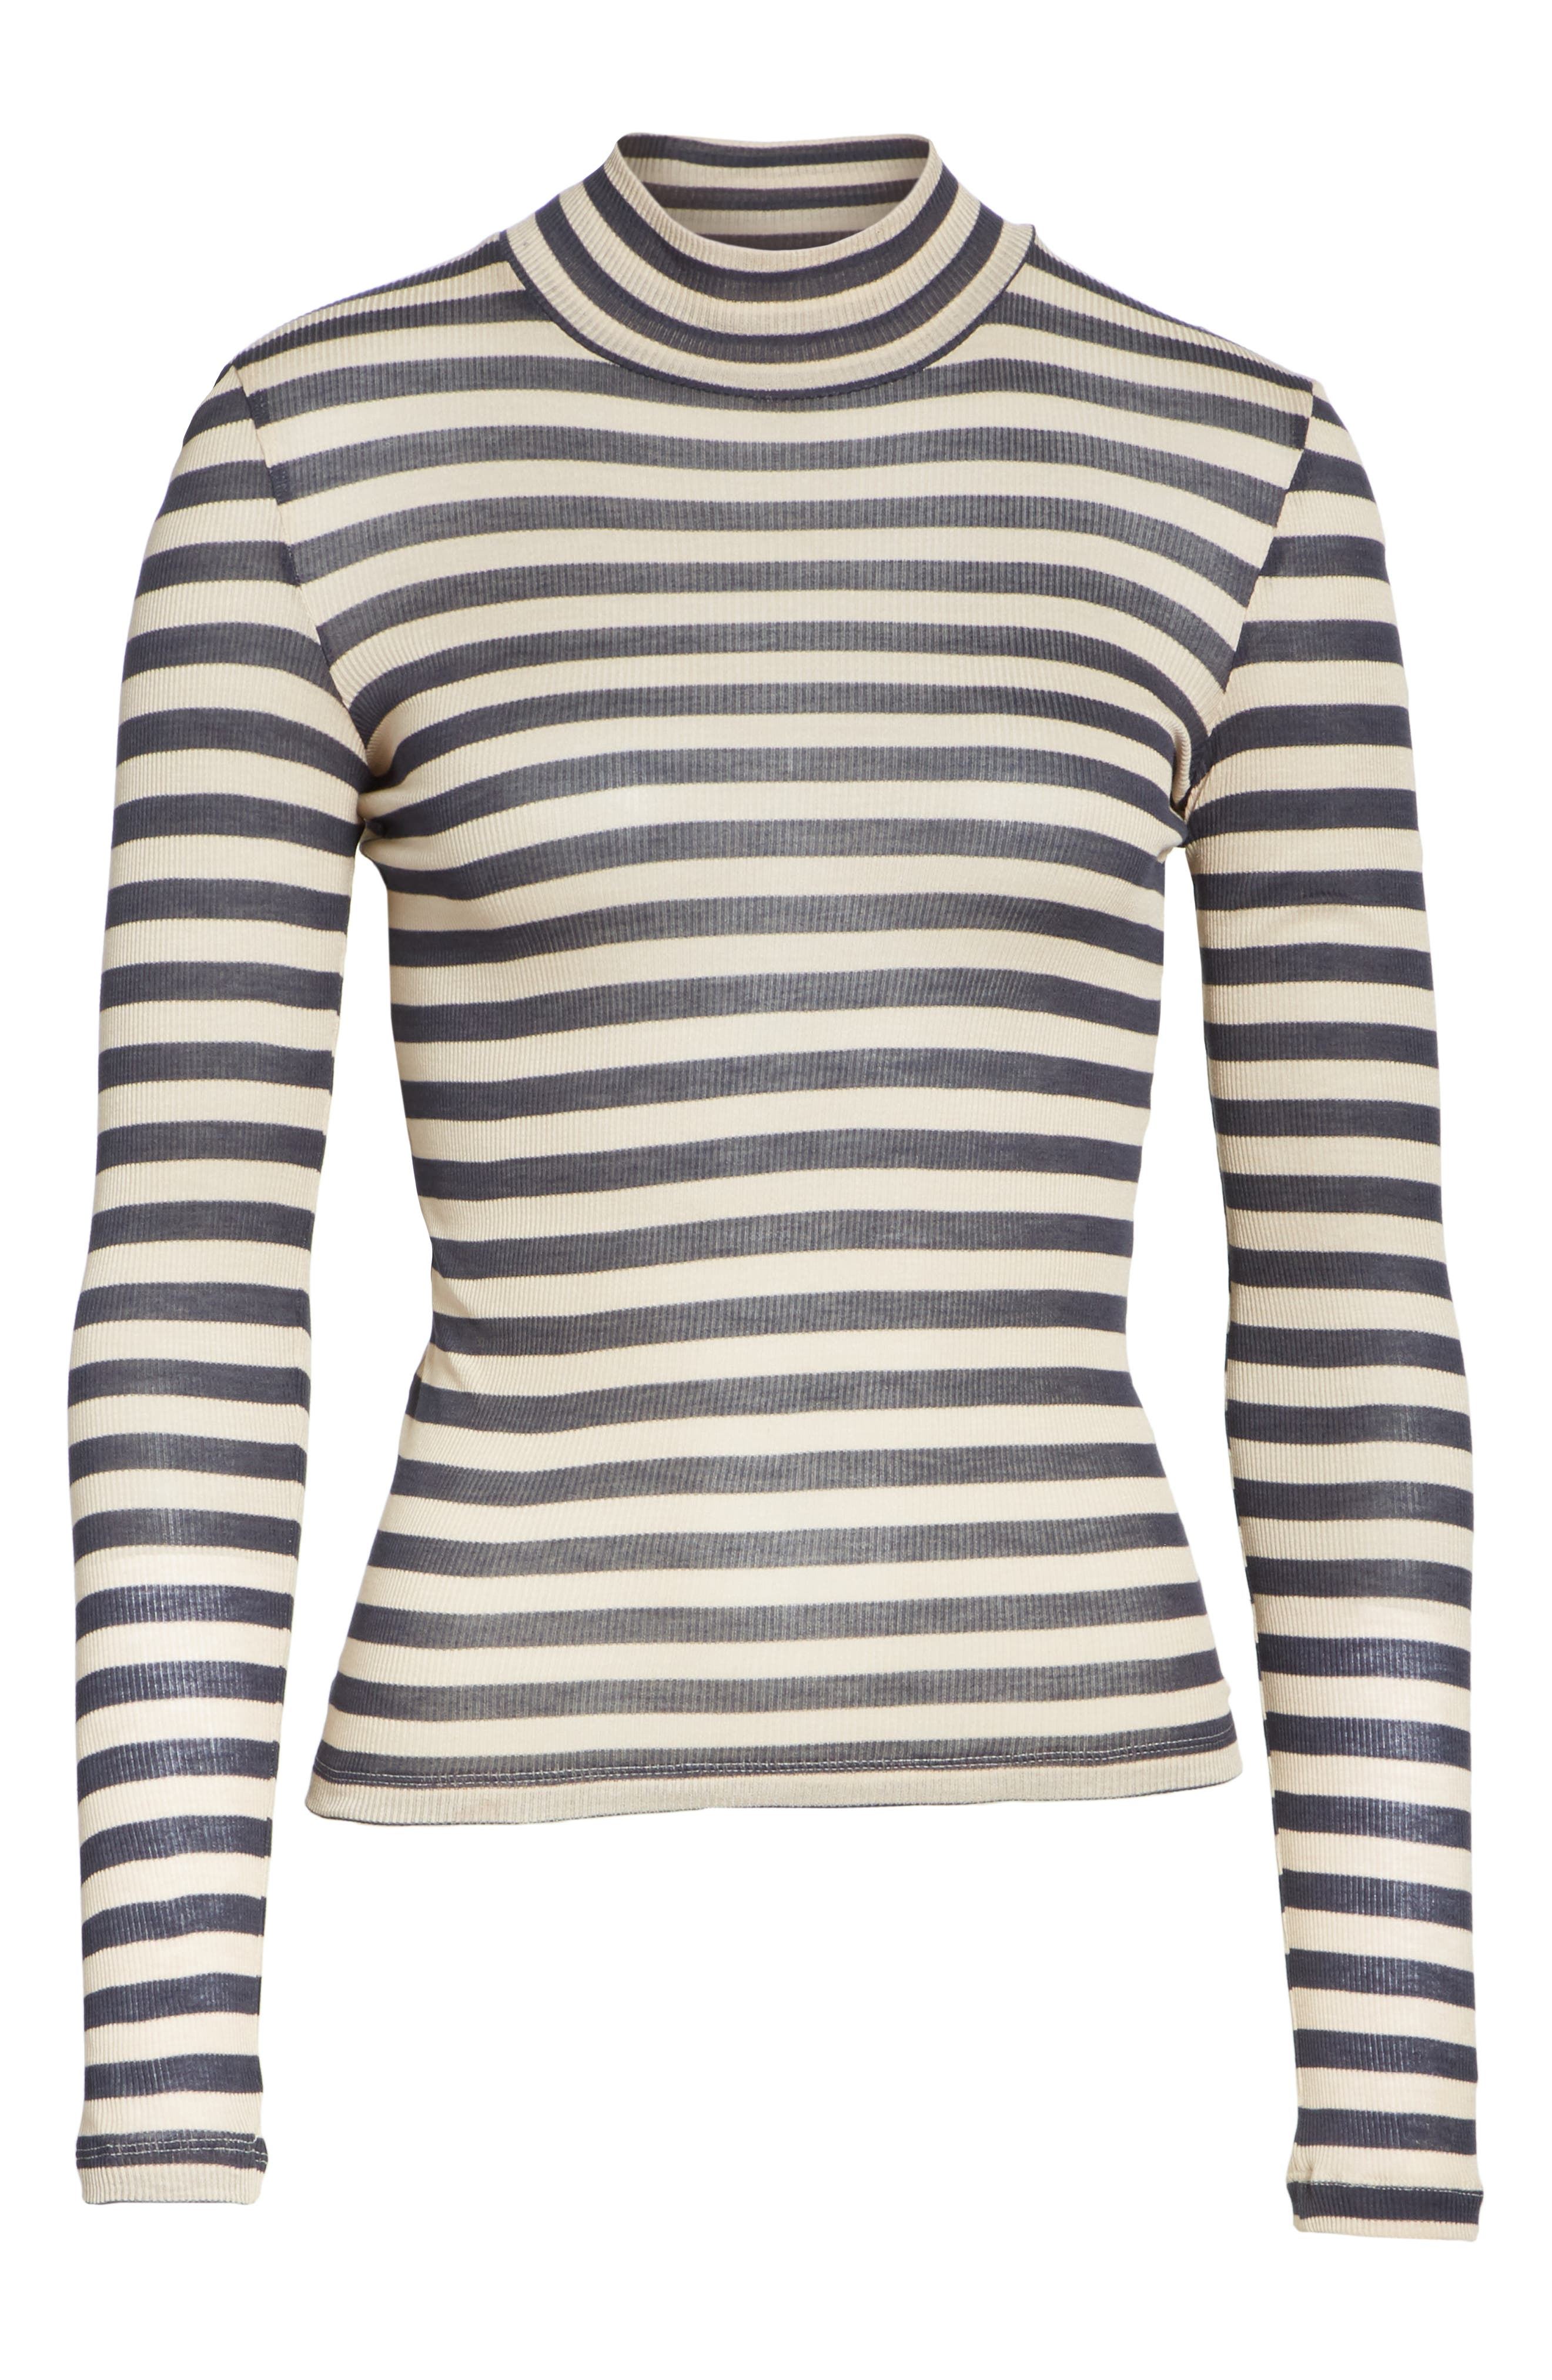 Alana Stripe Mock Neck Top,                             Alternate thumbnail 6, color,                             Navy Stripe